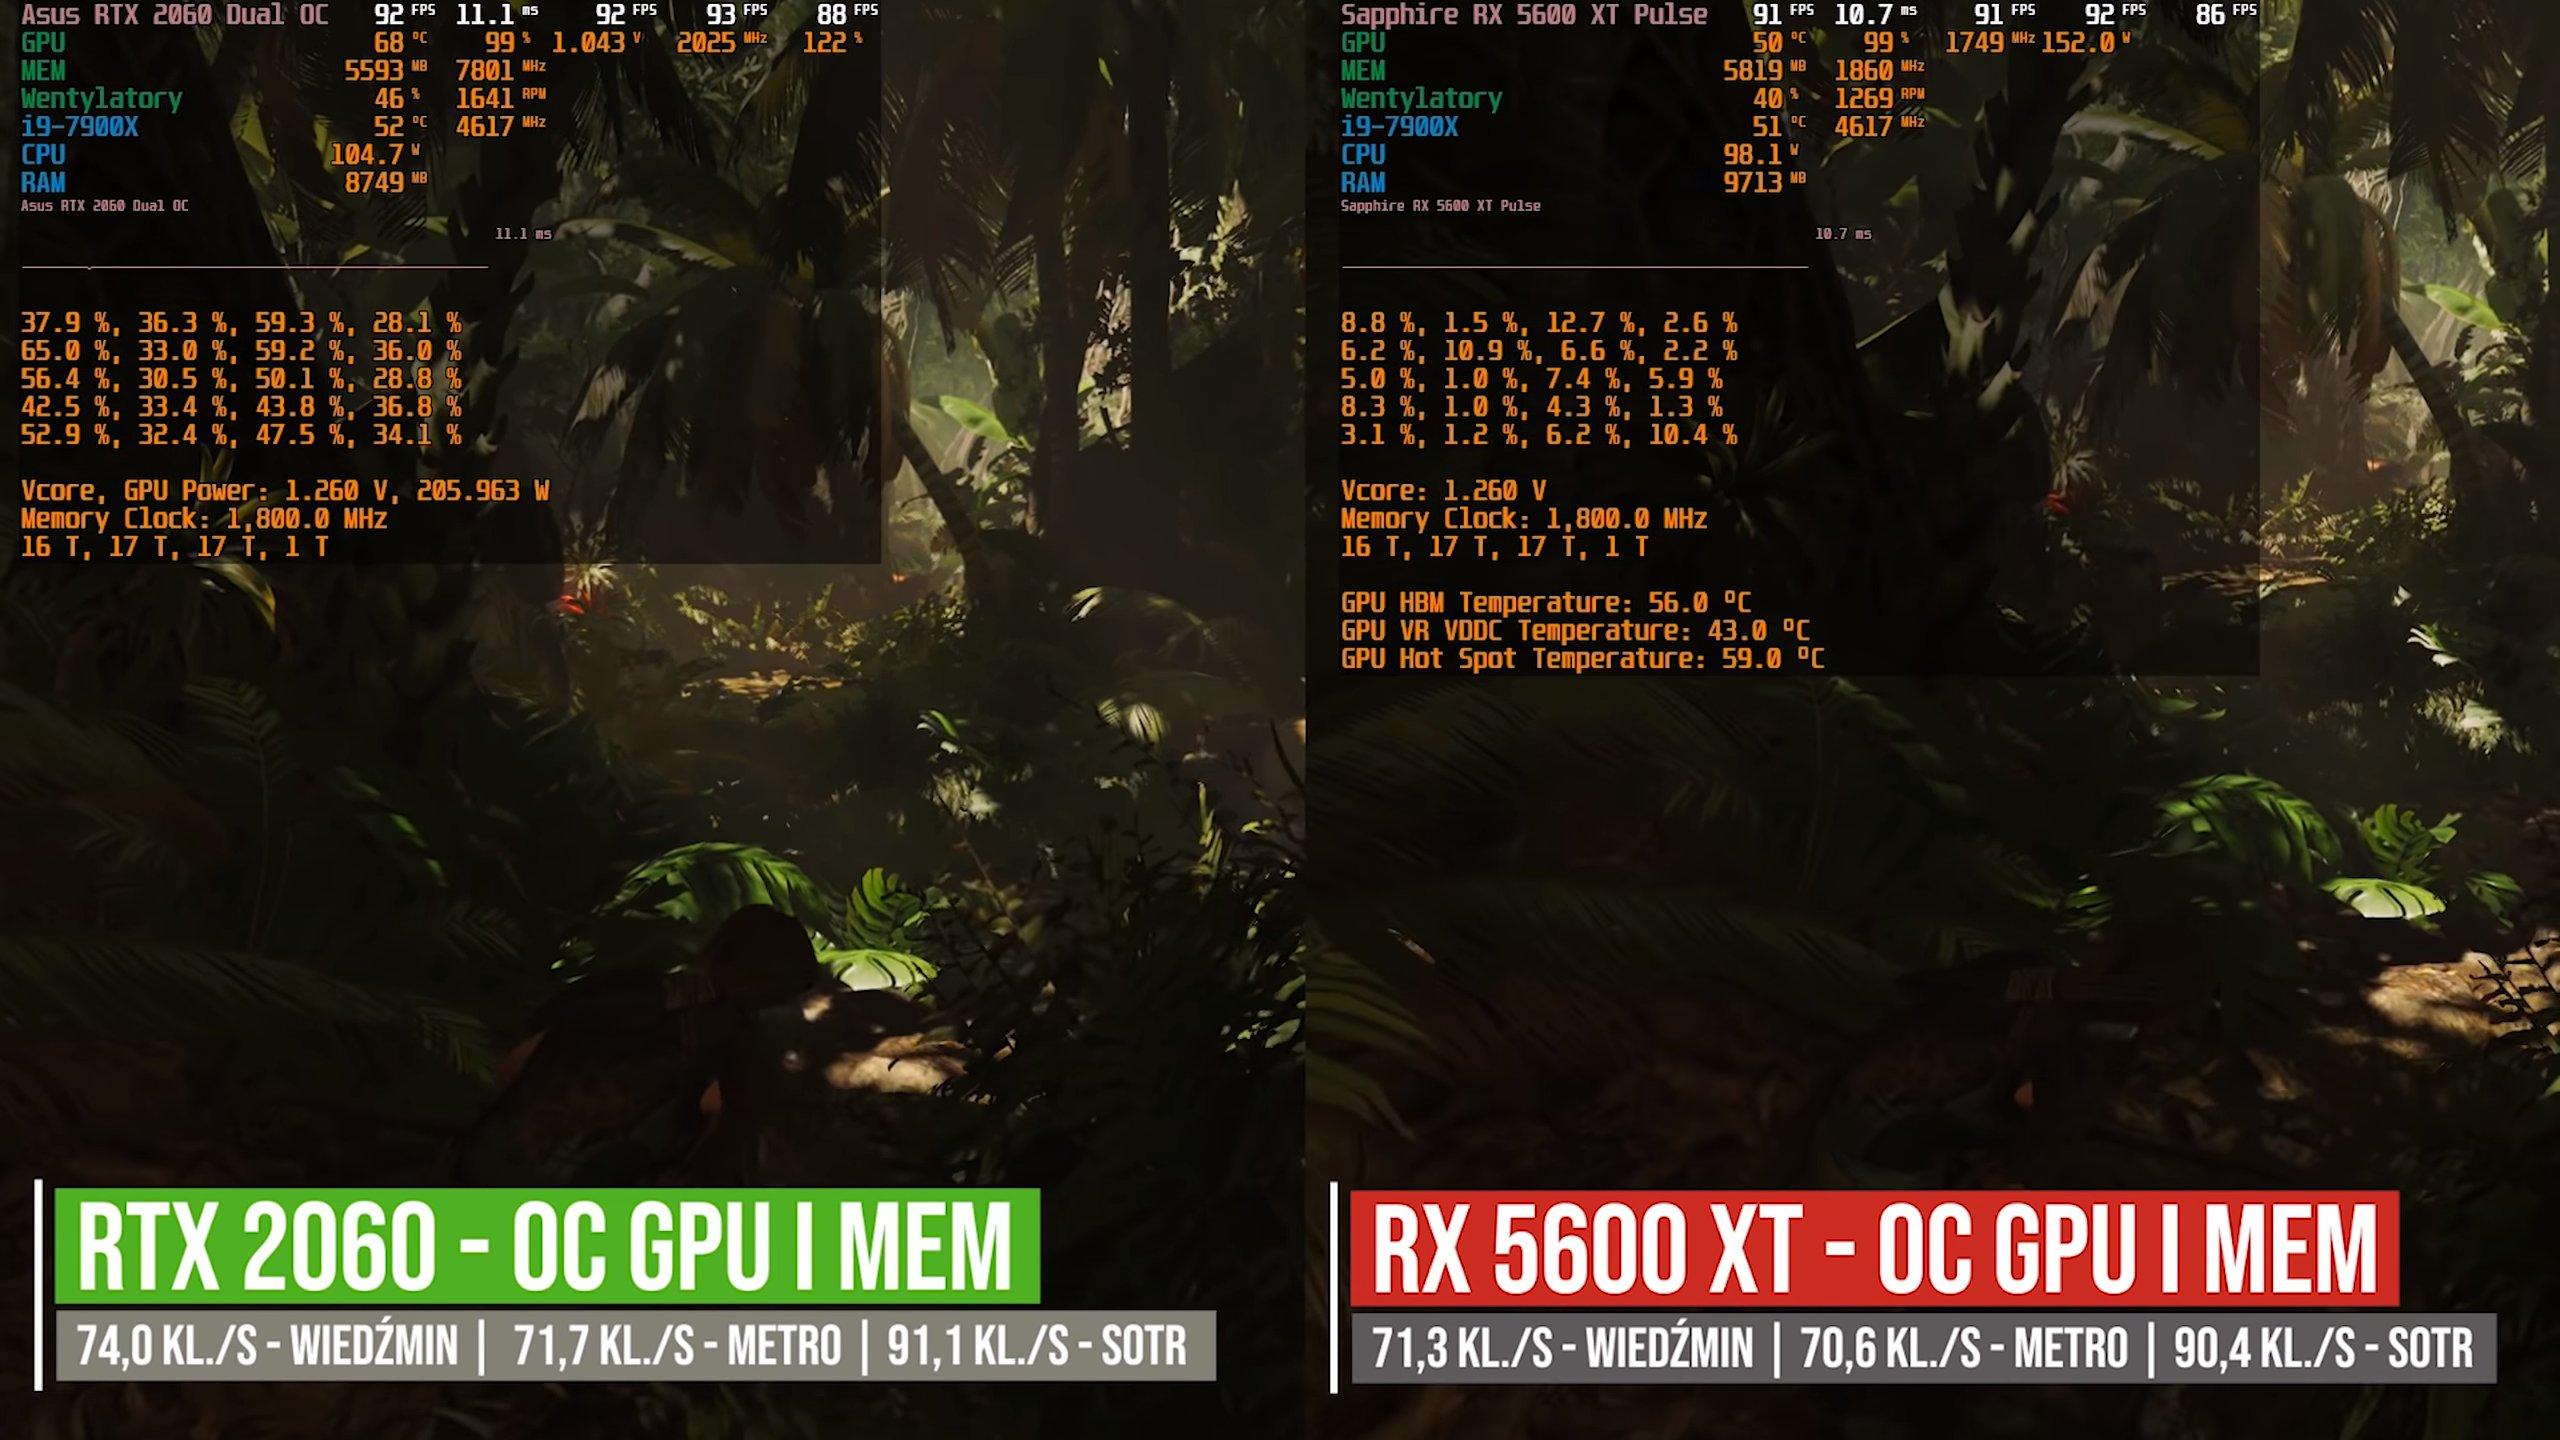 RTX 2060 vs. RX 5600 XT wydajność po overclockingu